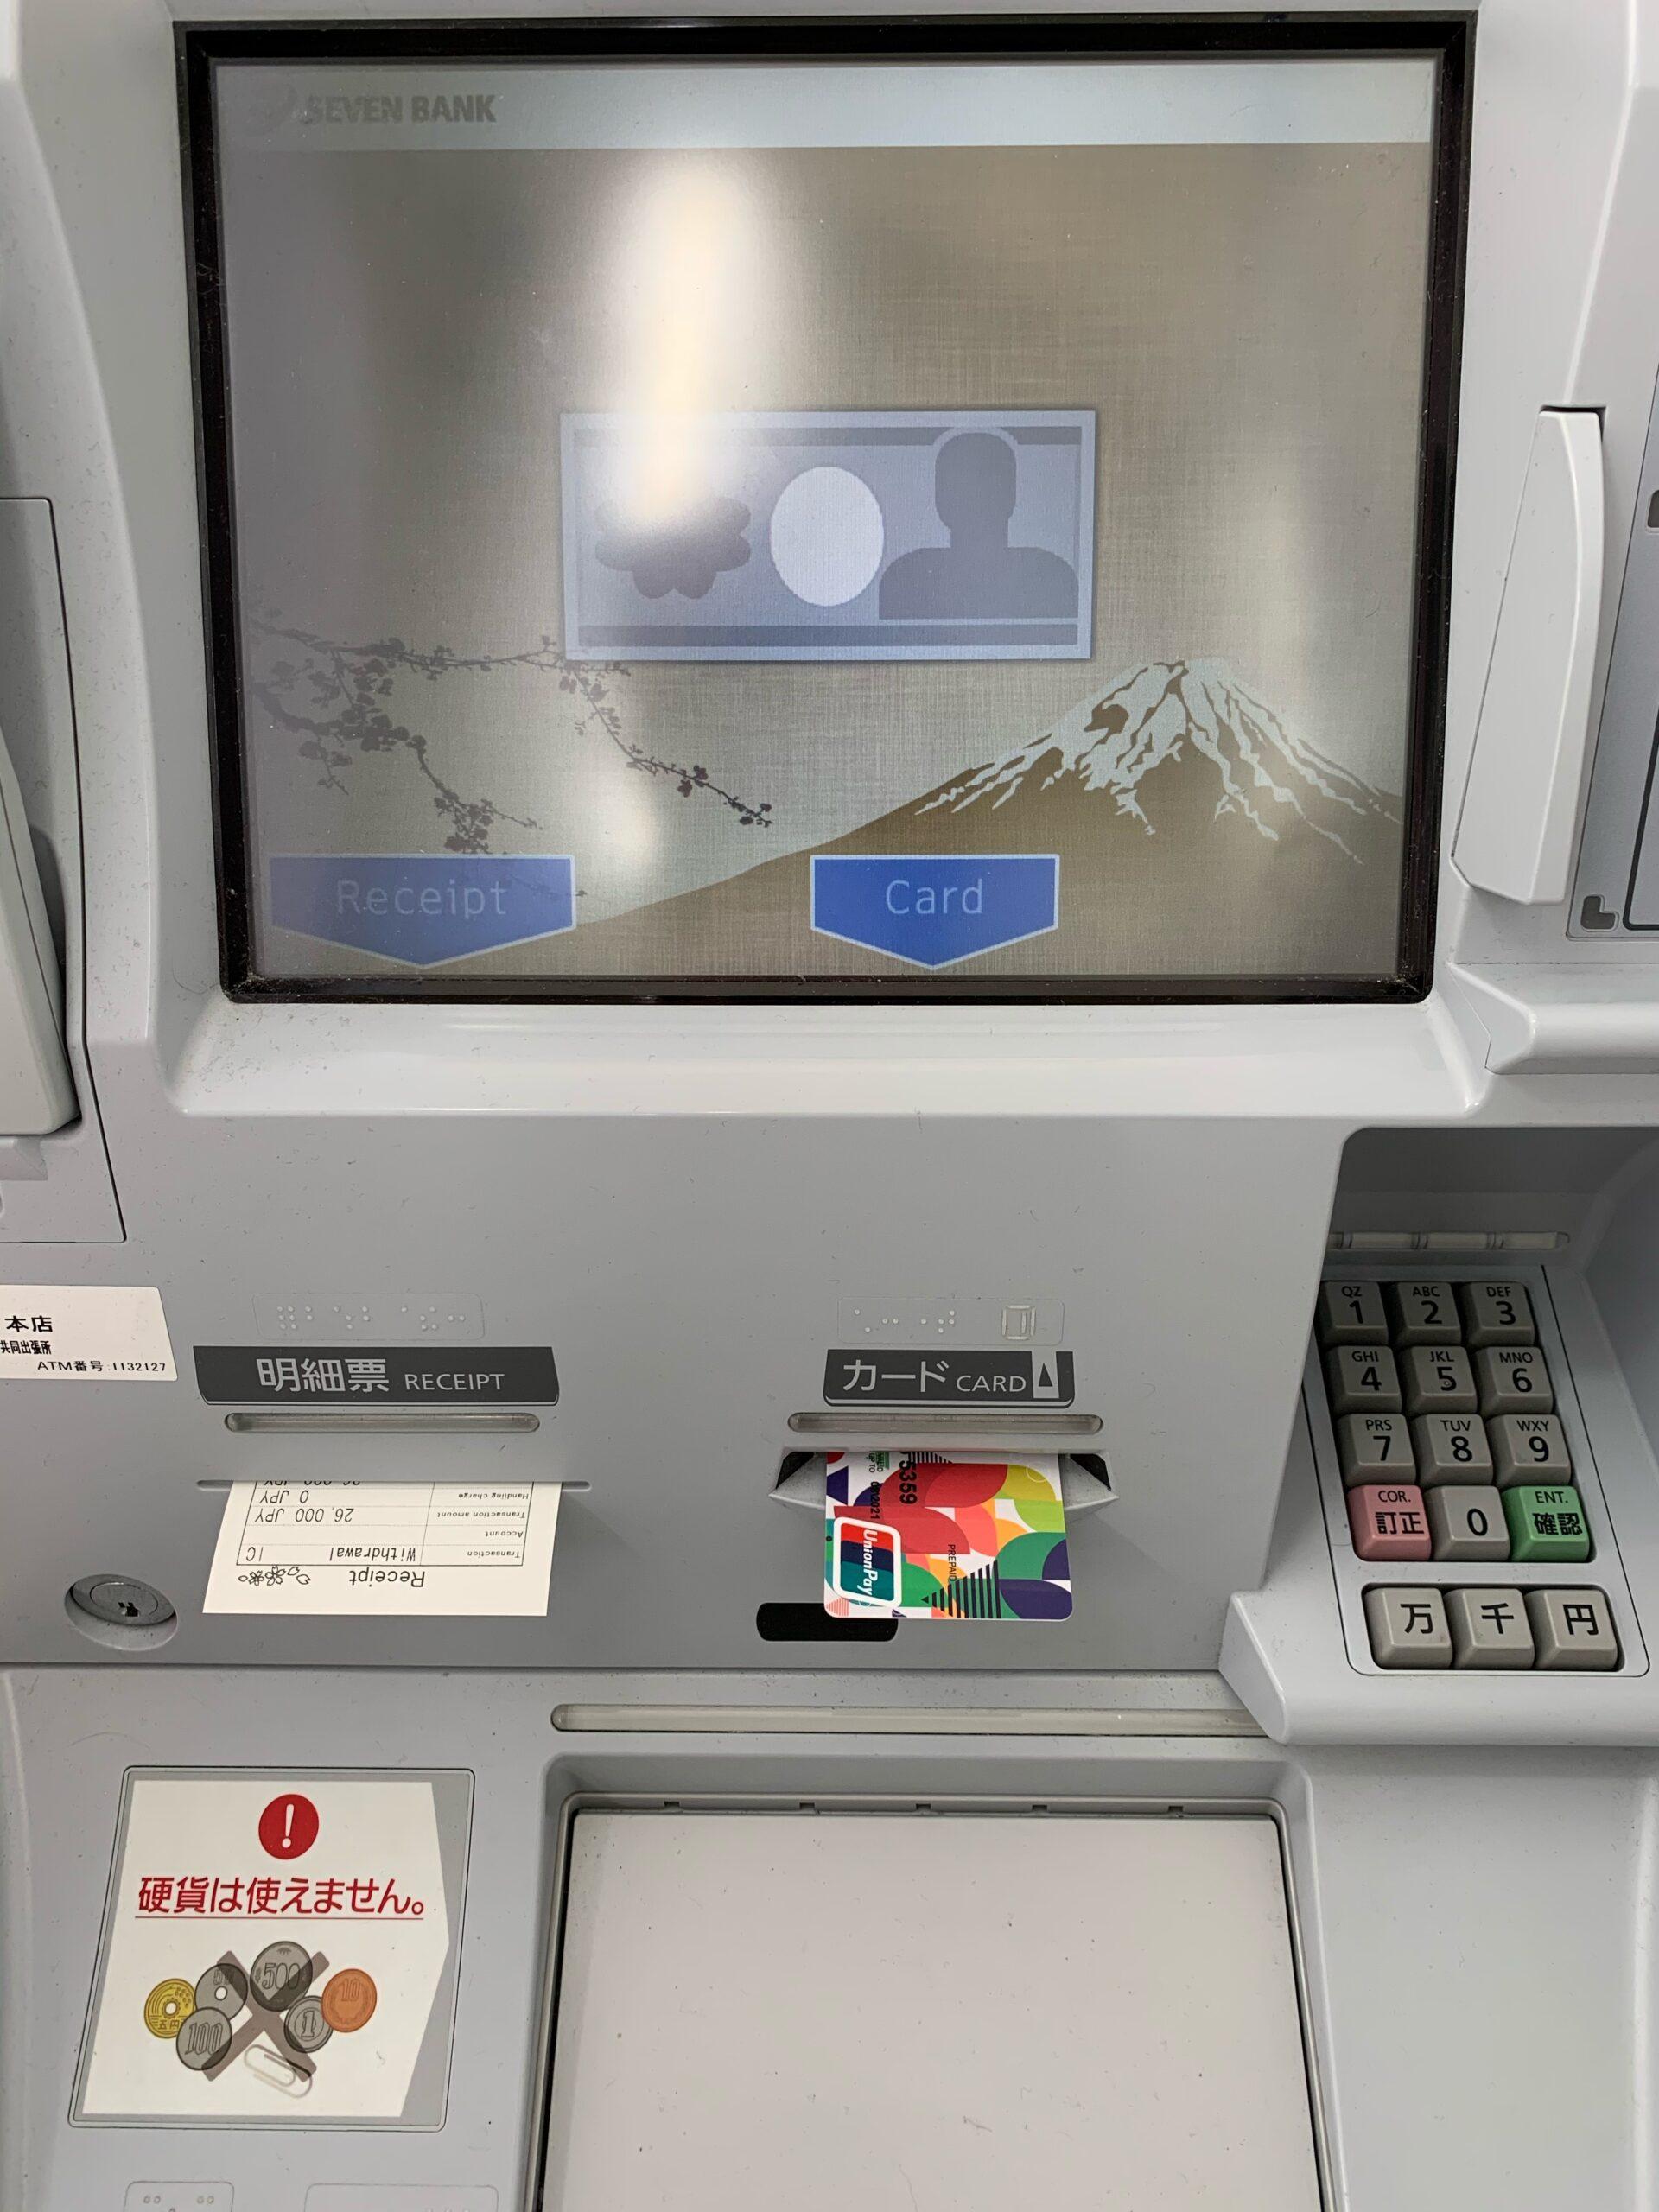 TIGER PAY ATM出金3